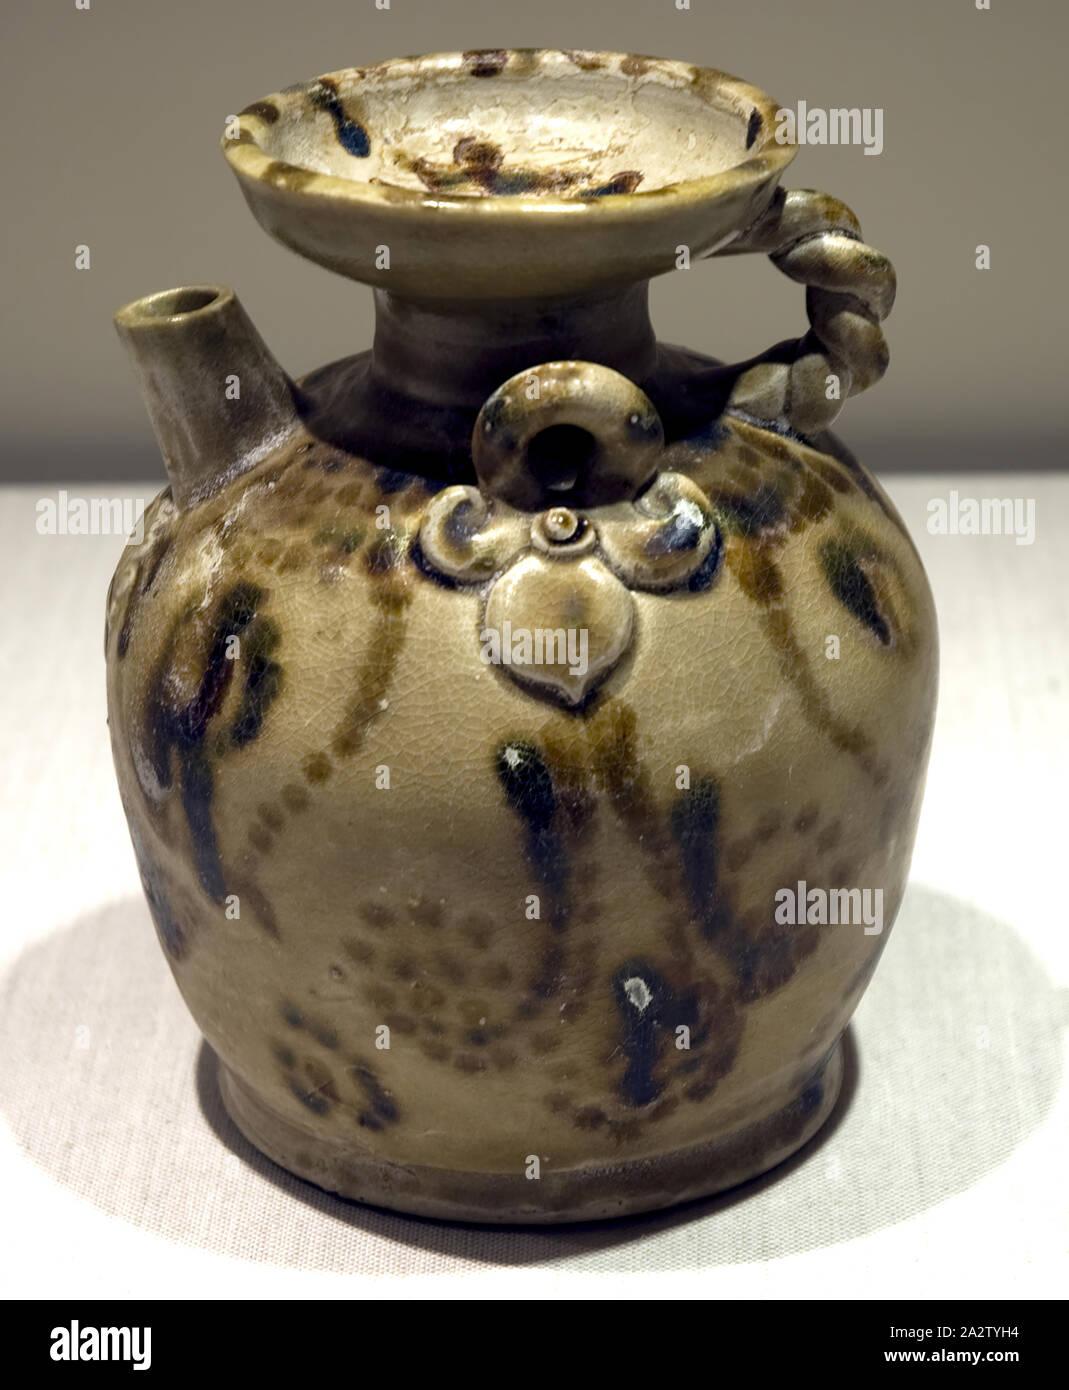 Ewer avec ergots moulés et d'une poignée, Dynastie Tang, Tang Dynasty, 800s, grès avec le glaçage (Changsha ware), 7 in. (Hauteur), Asian Art Banque D'Images